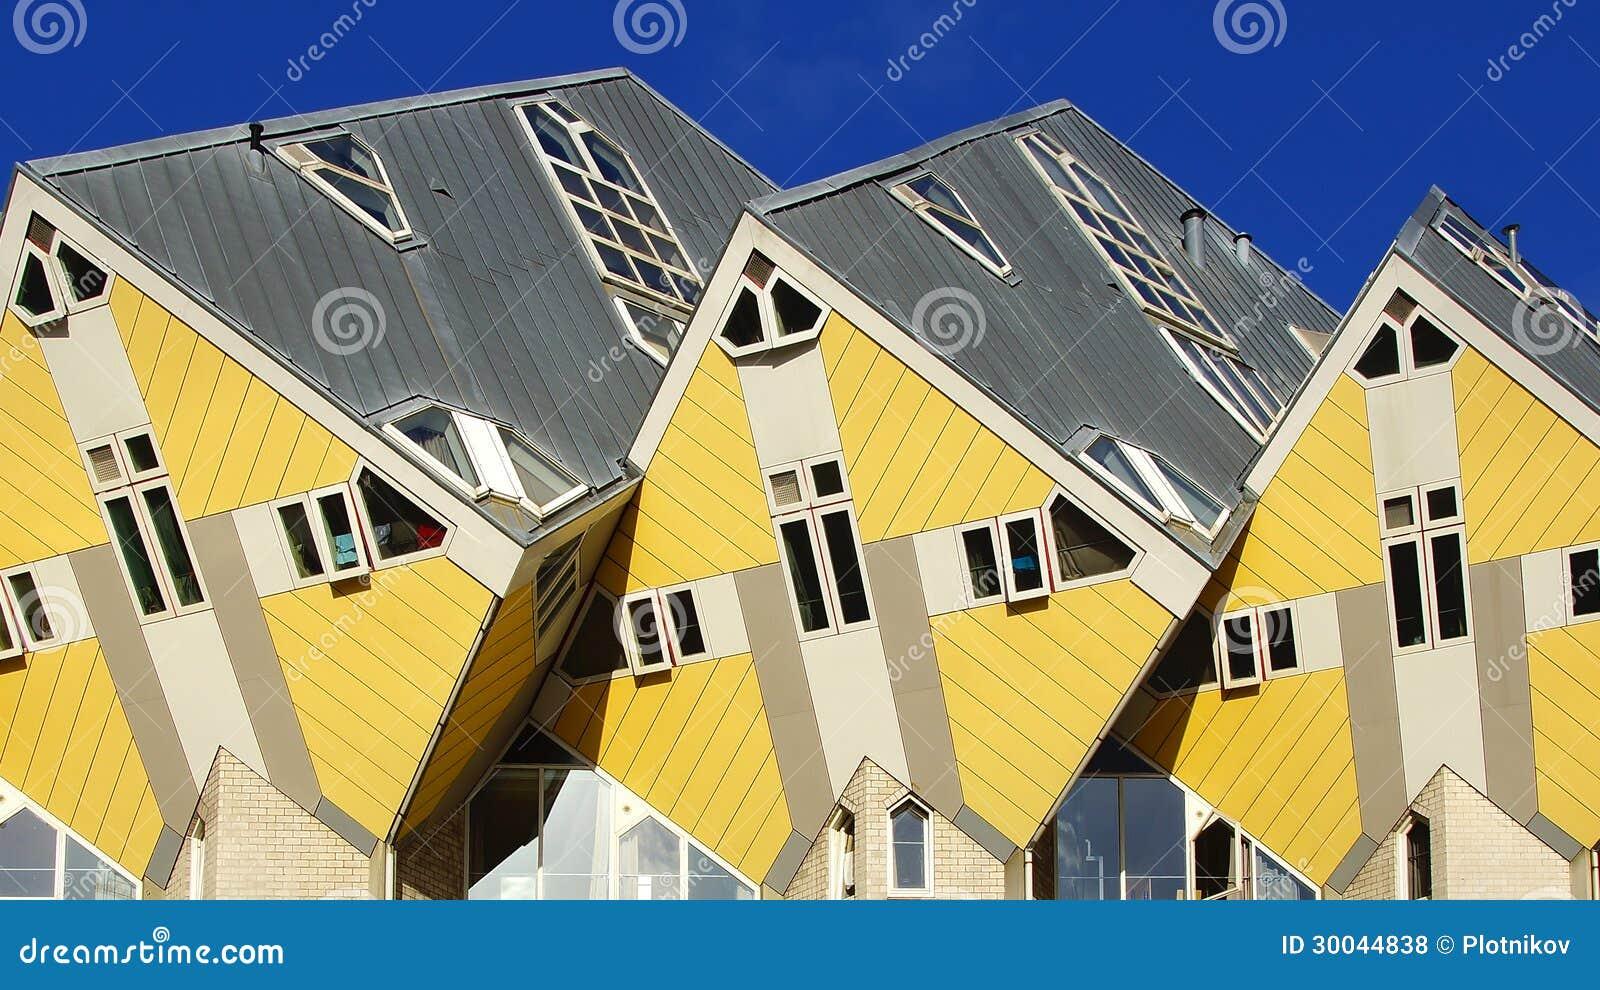 #B3901823651412 Kubuswoningen Of De Huizen Van De Kubus In Rotterdam. Redactionele  Meest effectief Architectuur In Nederland 795 behang 1300821795 afbeeldingen